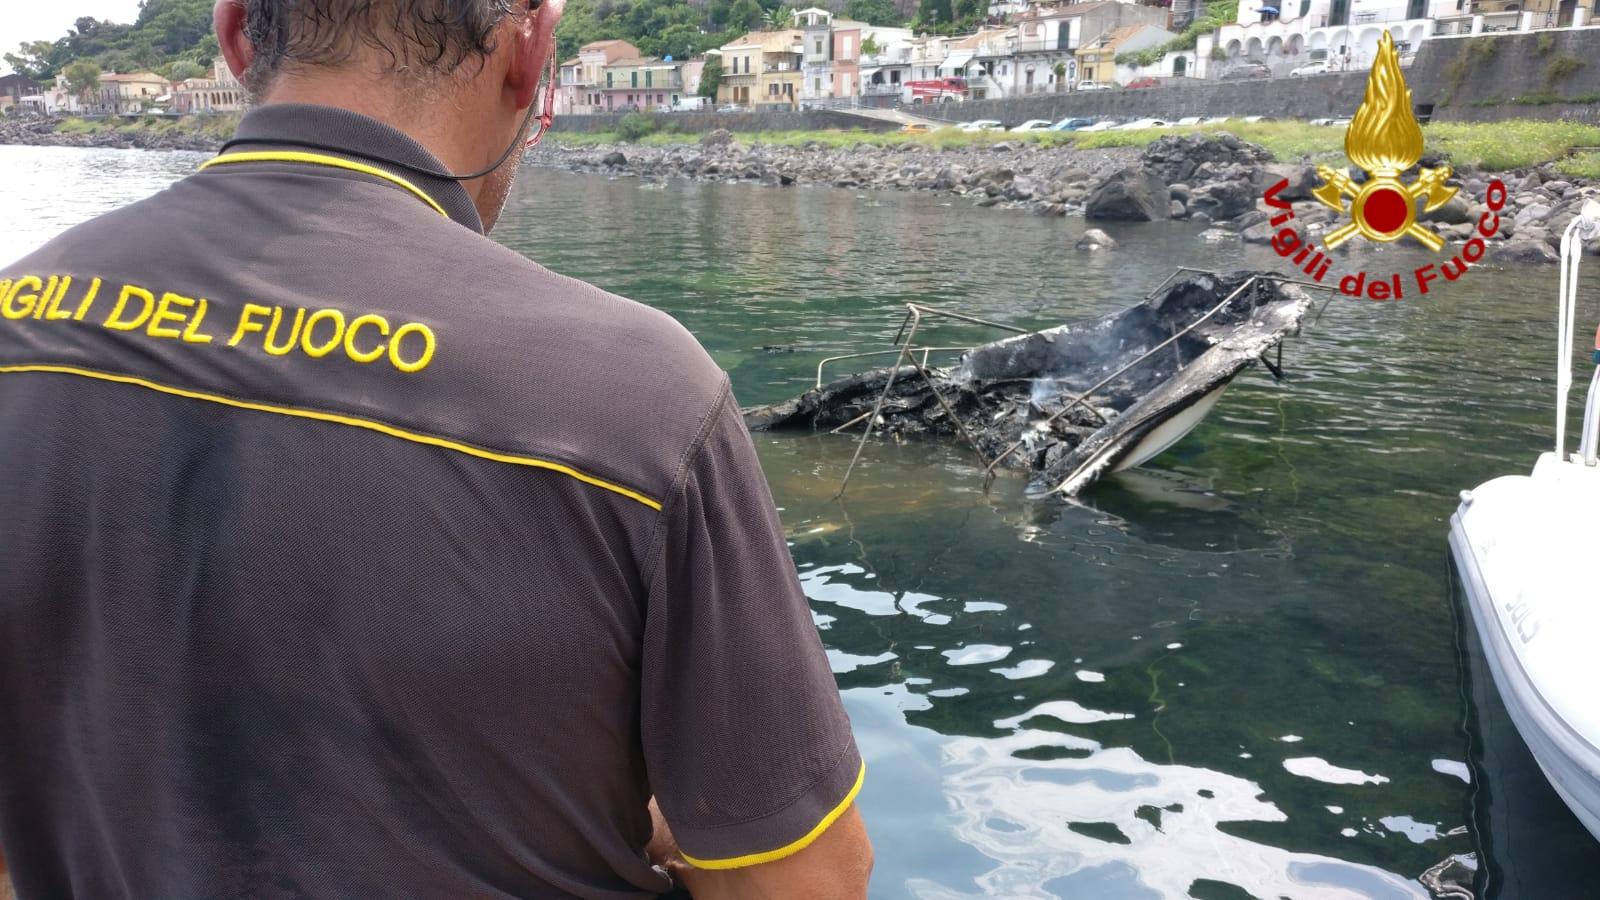 Paura al porto, fiamme distruggono barche nel Catanese: ustionata una persona – FOTO e VIDEO